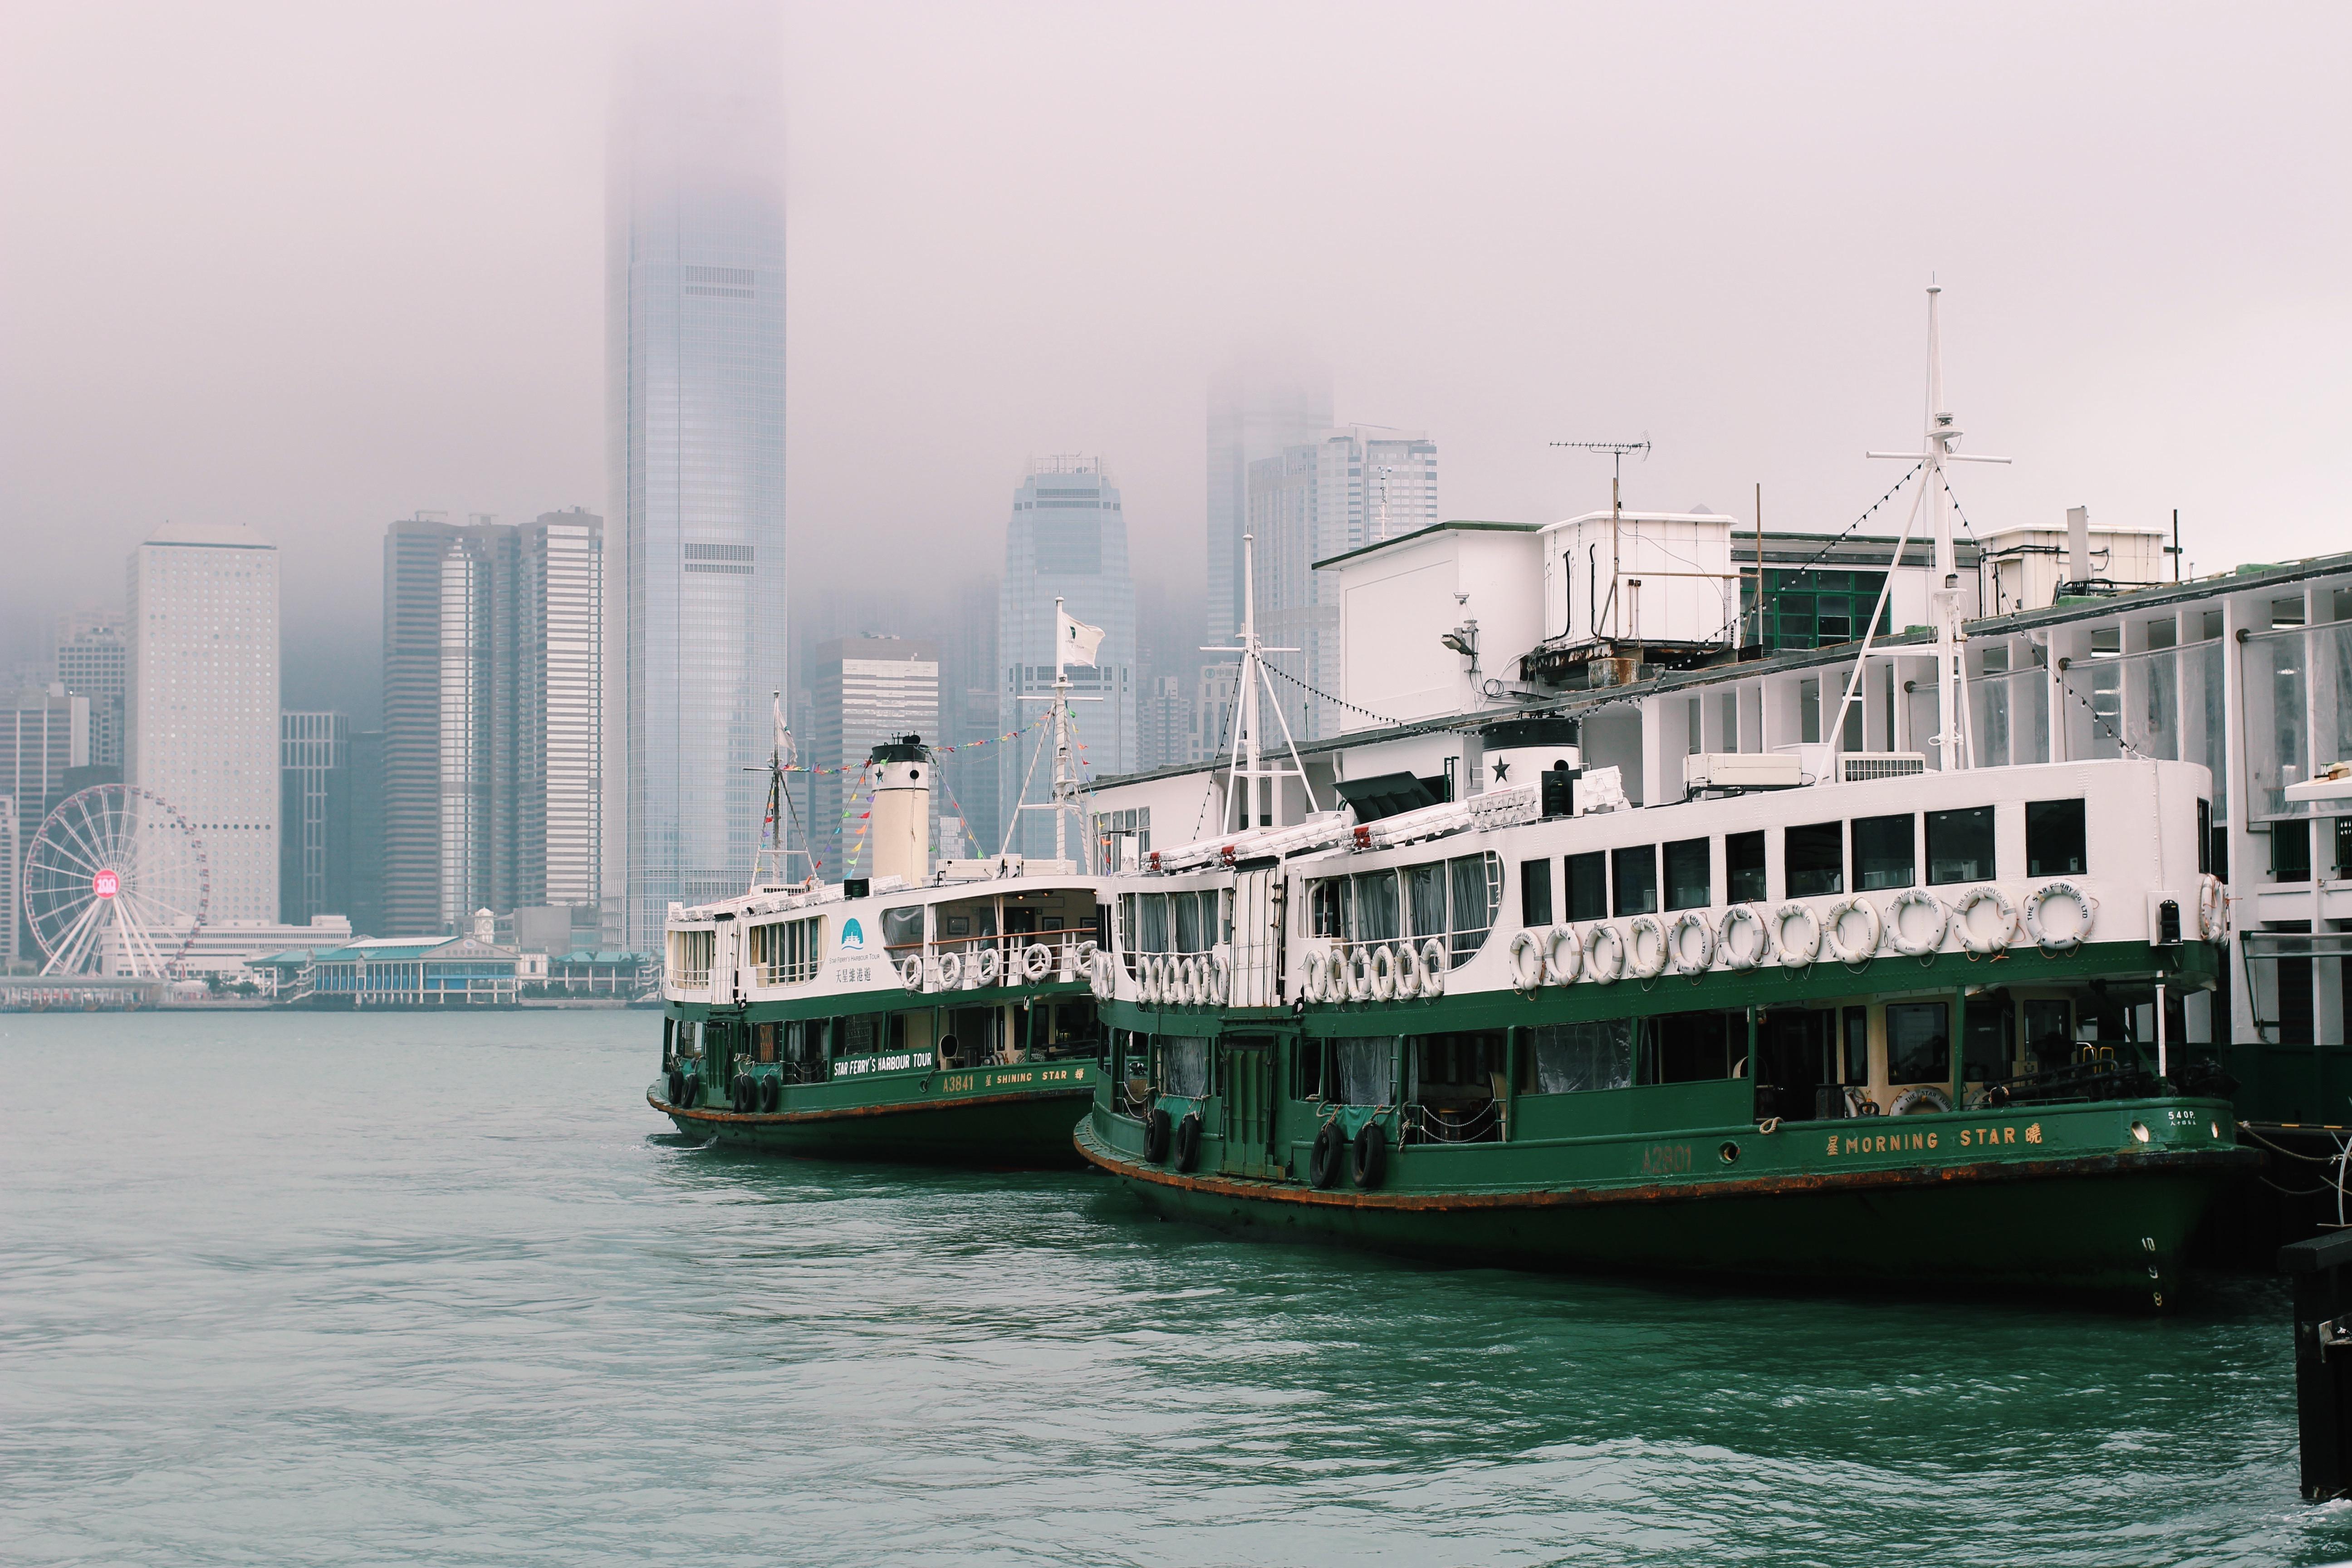 レトロ可愛い香港のスターフェリー